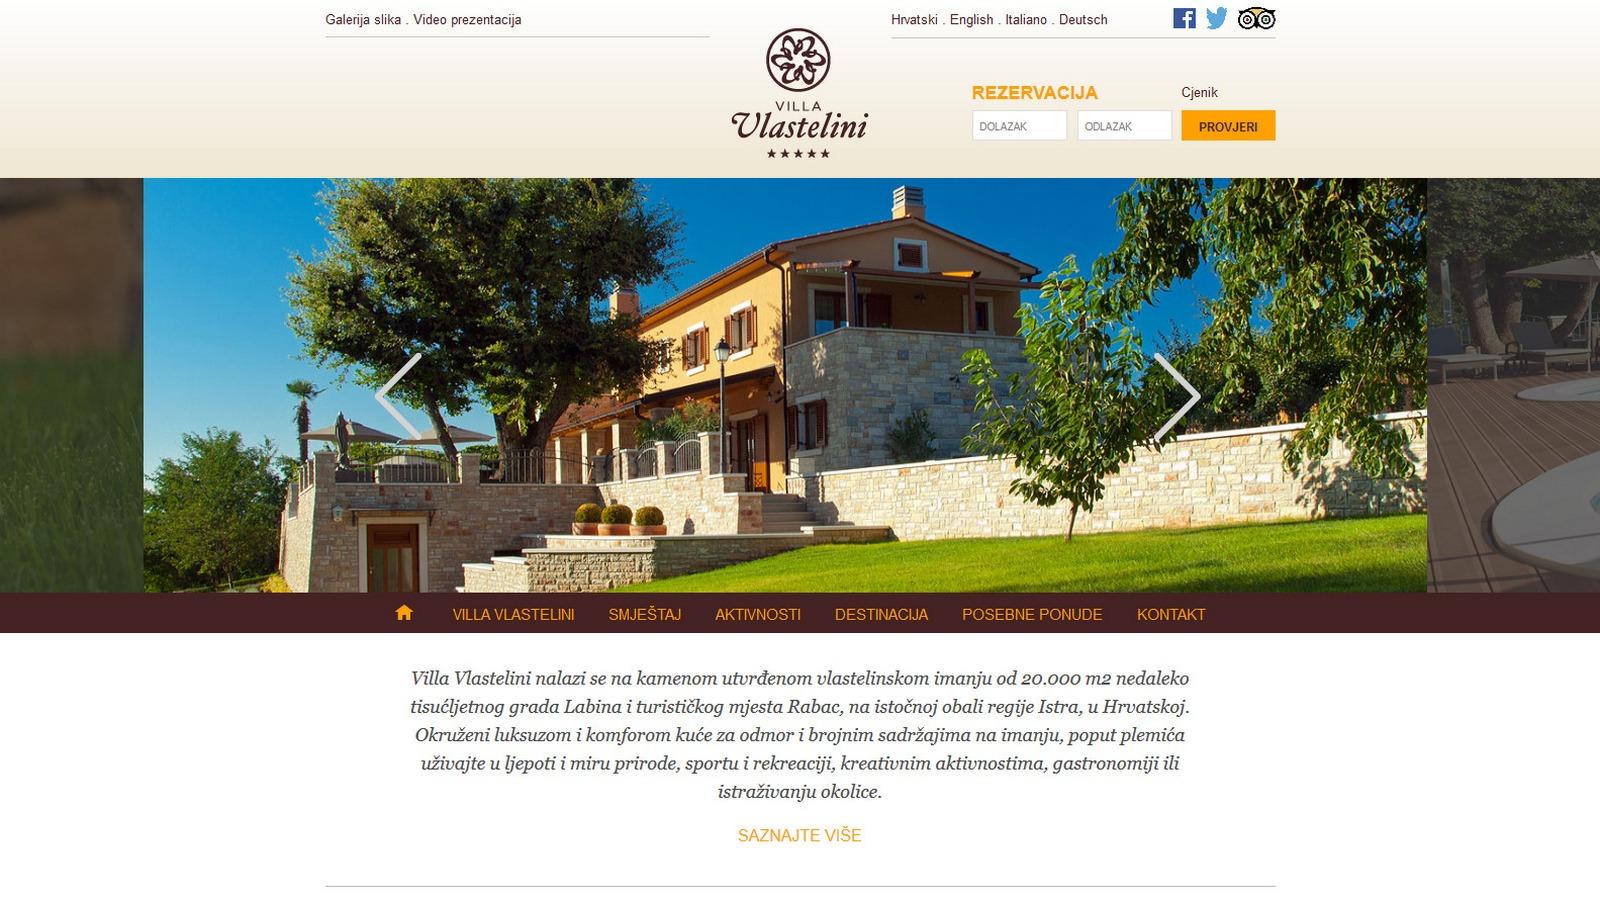 Villa Vlastelini